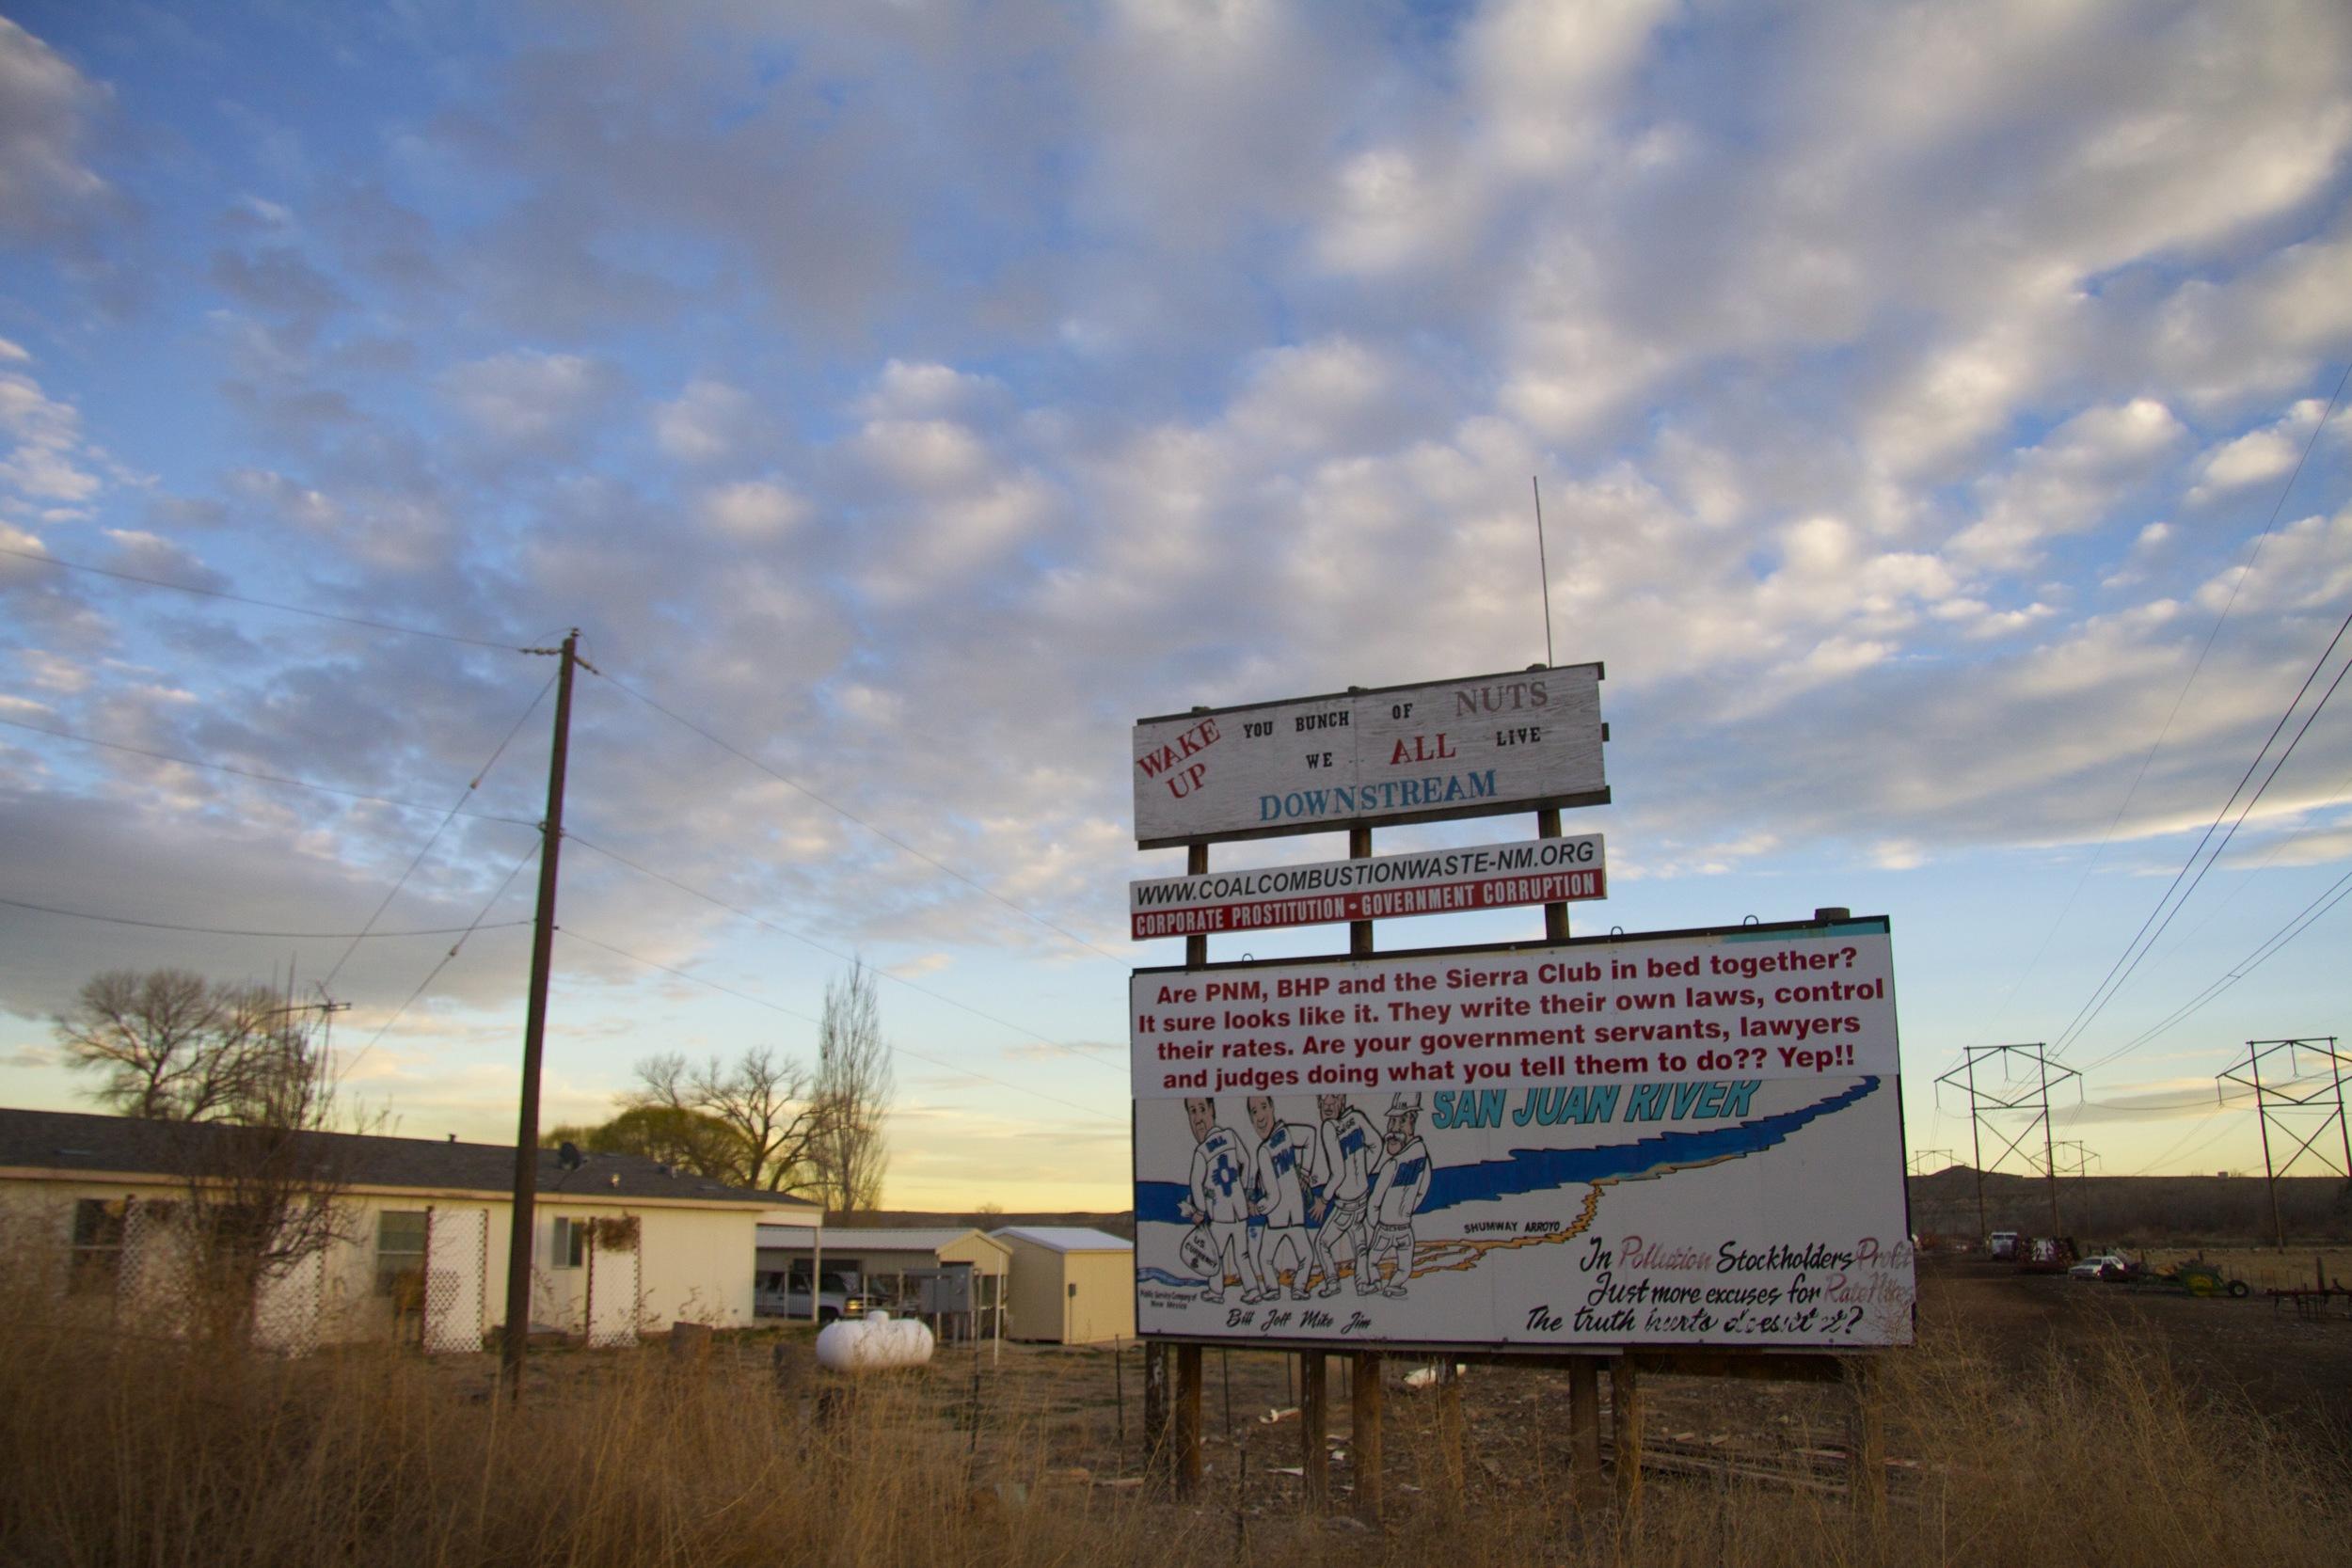 R.G. Hunt's anti-coal mine billboard near Waterflow, N.M.